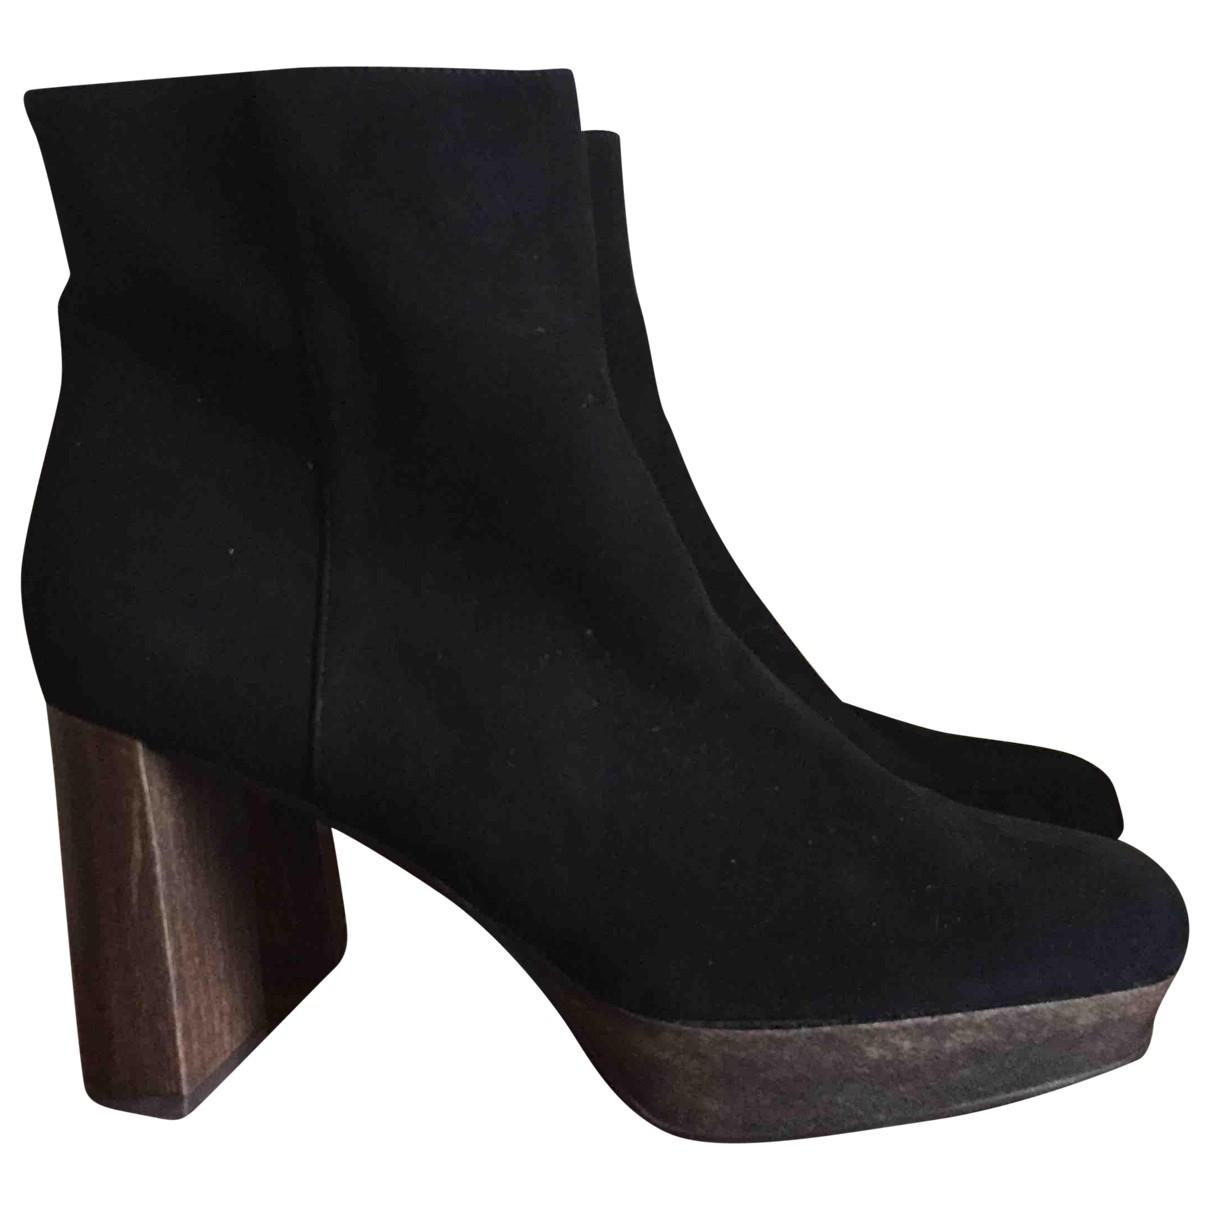 Jaime Mascaro - Boots   pour femme en suede - noir